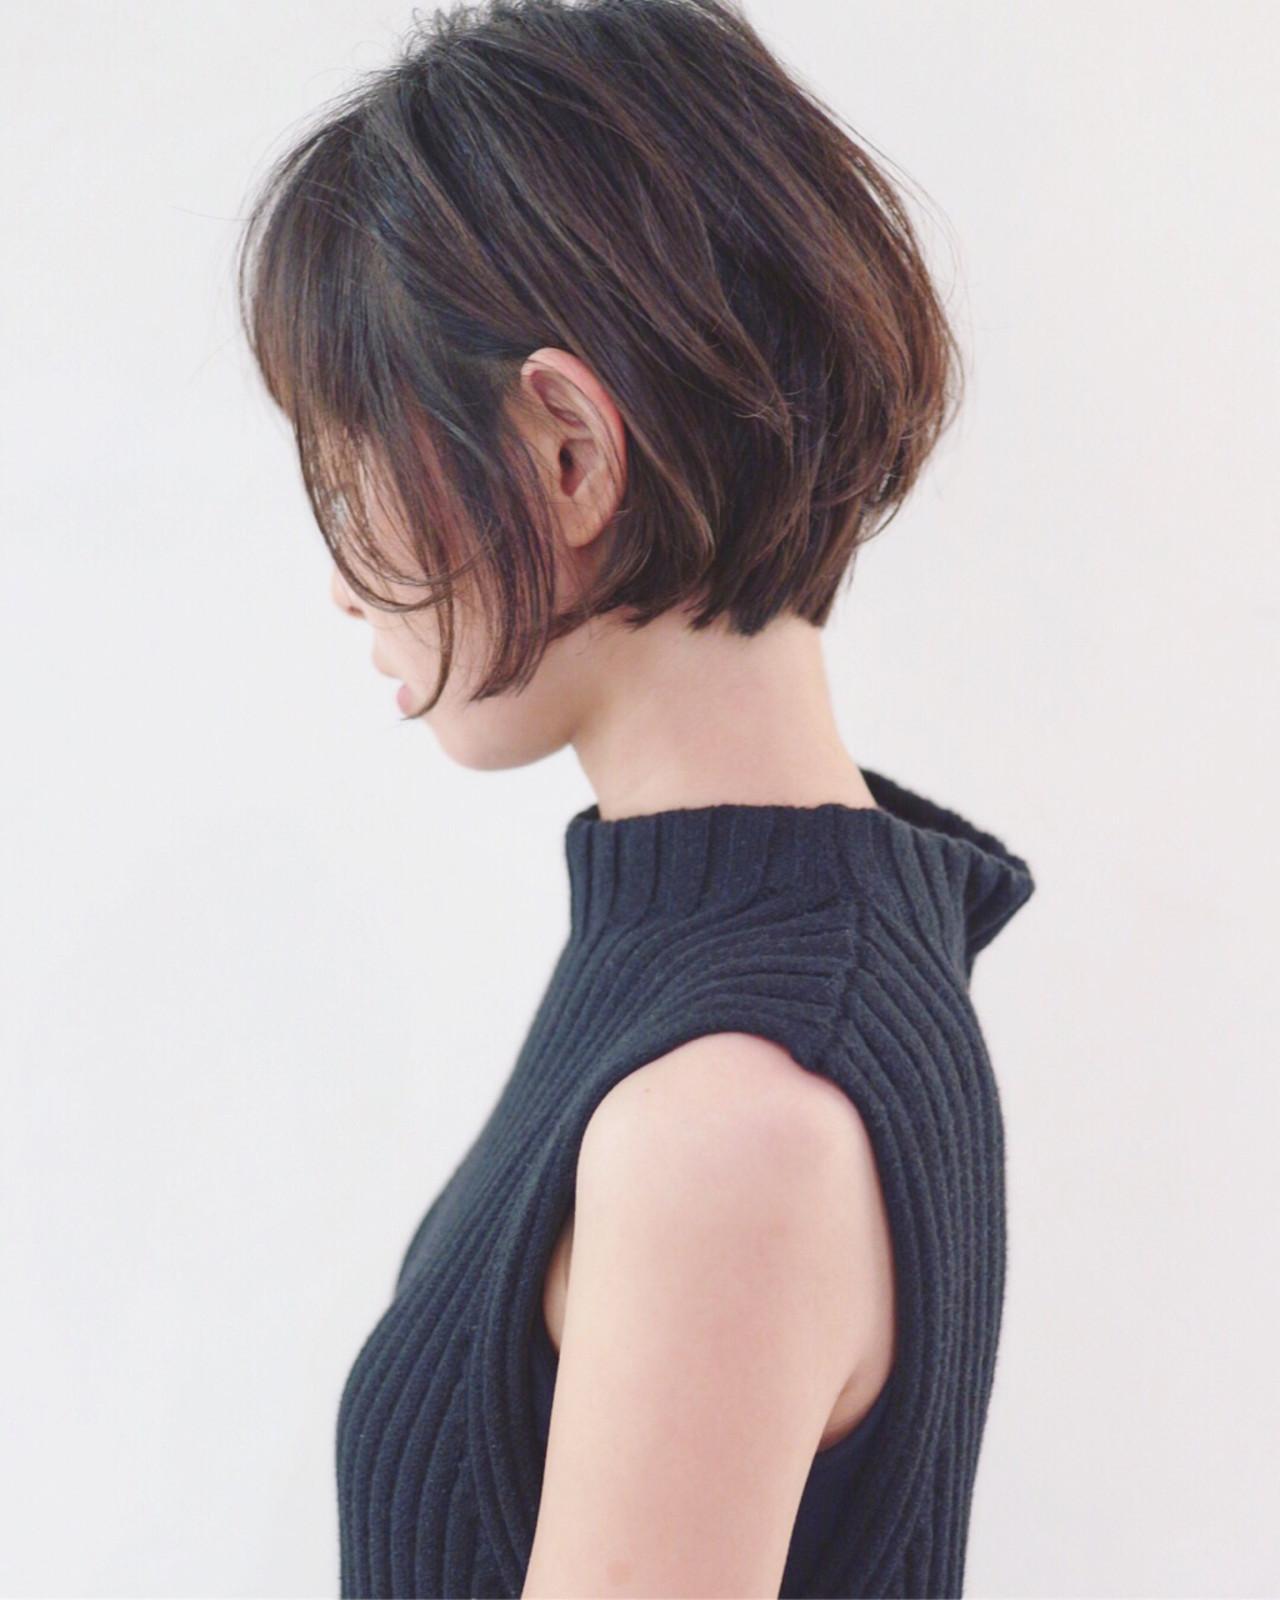 ナチュラル 女子力 ショート グラデーションカラー ヘアスタイルや髪型の写真・画像